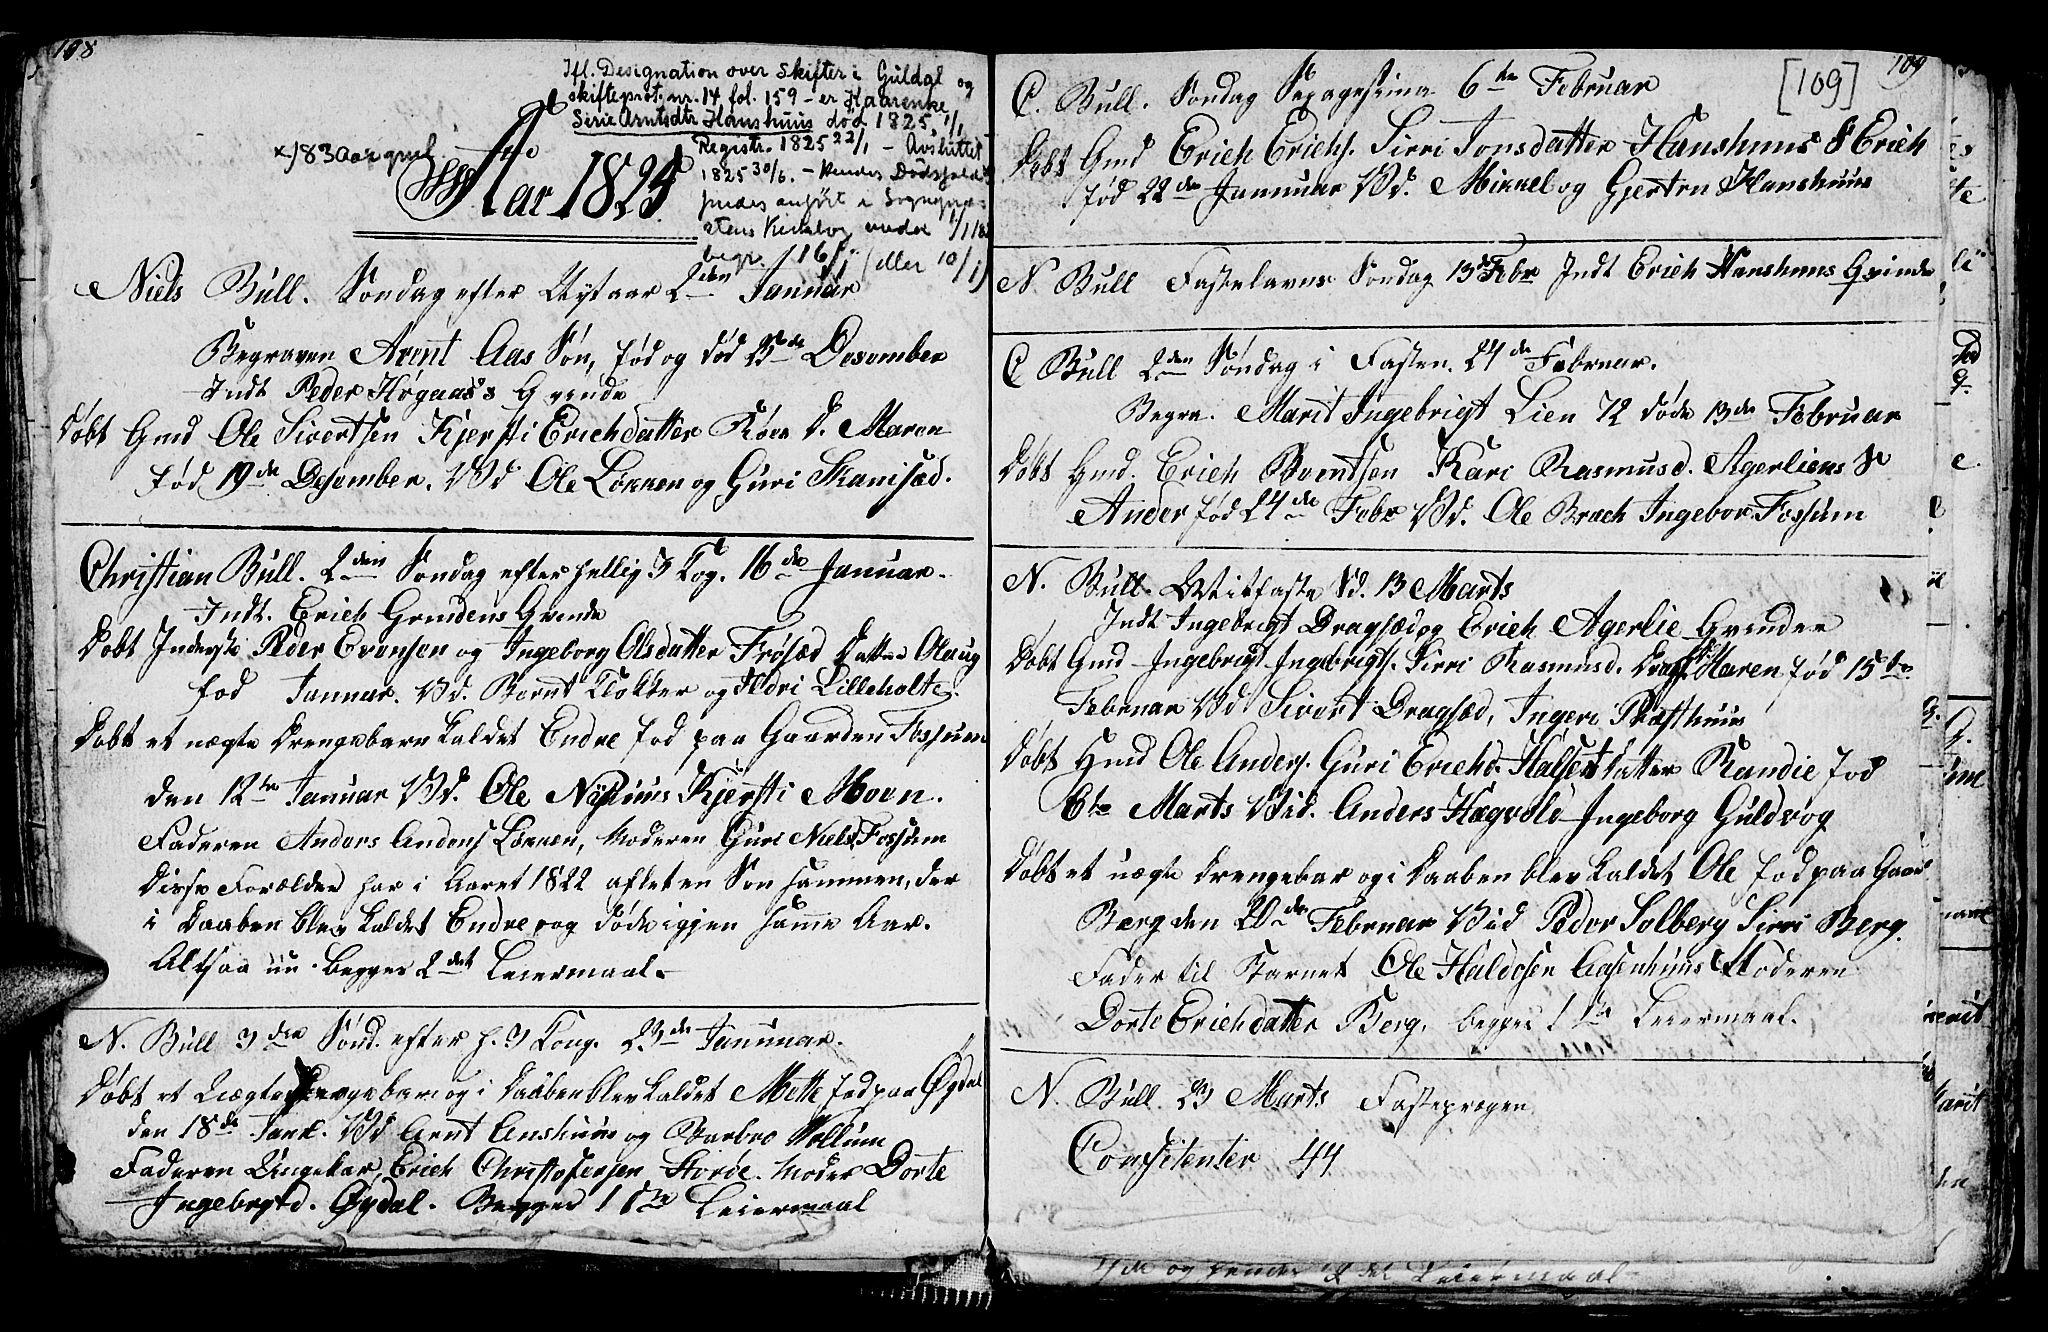 SAT, Ministerialprotokoller, klokkerbøker og fødselsregistre - Sør-Trøndelag, 689/L1042: Klokkerbok nr. 689C01, 1812-1841, s. 108-109